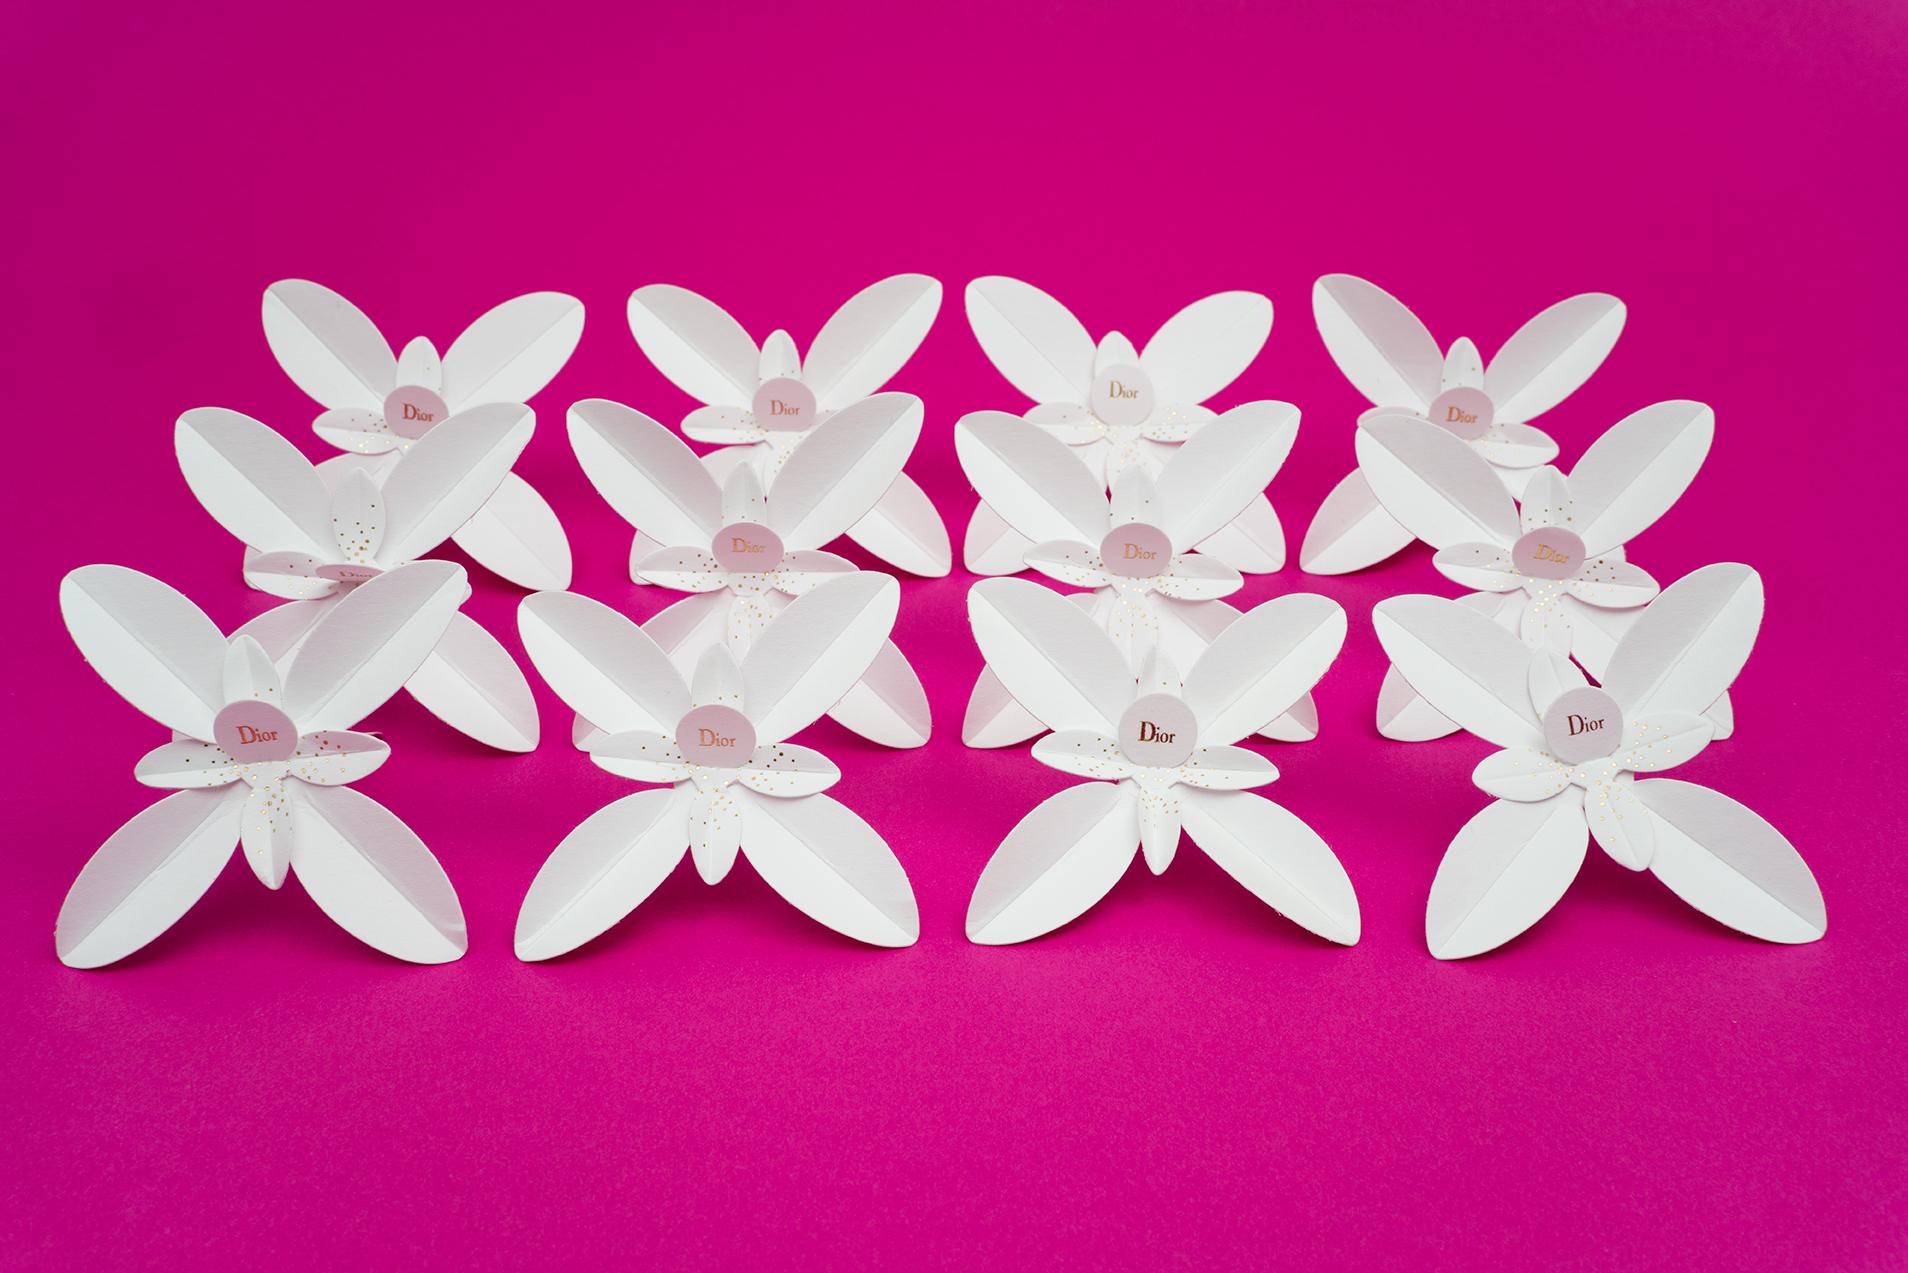 Traffic stopper Dior : Jasmin Dior en papier à parfumer en trois parties